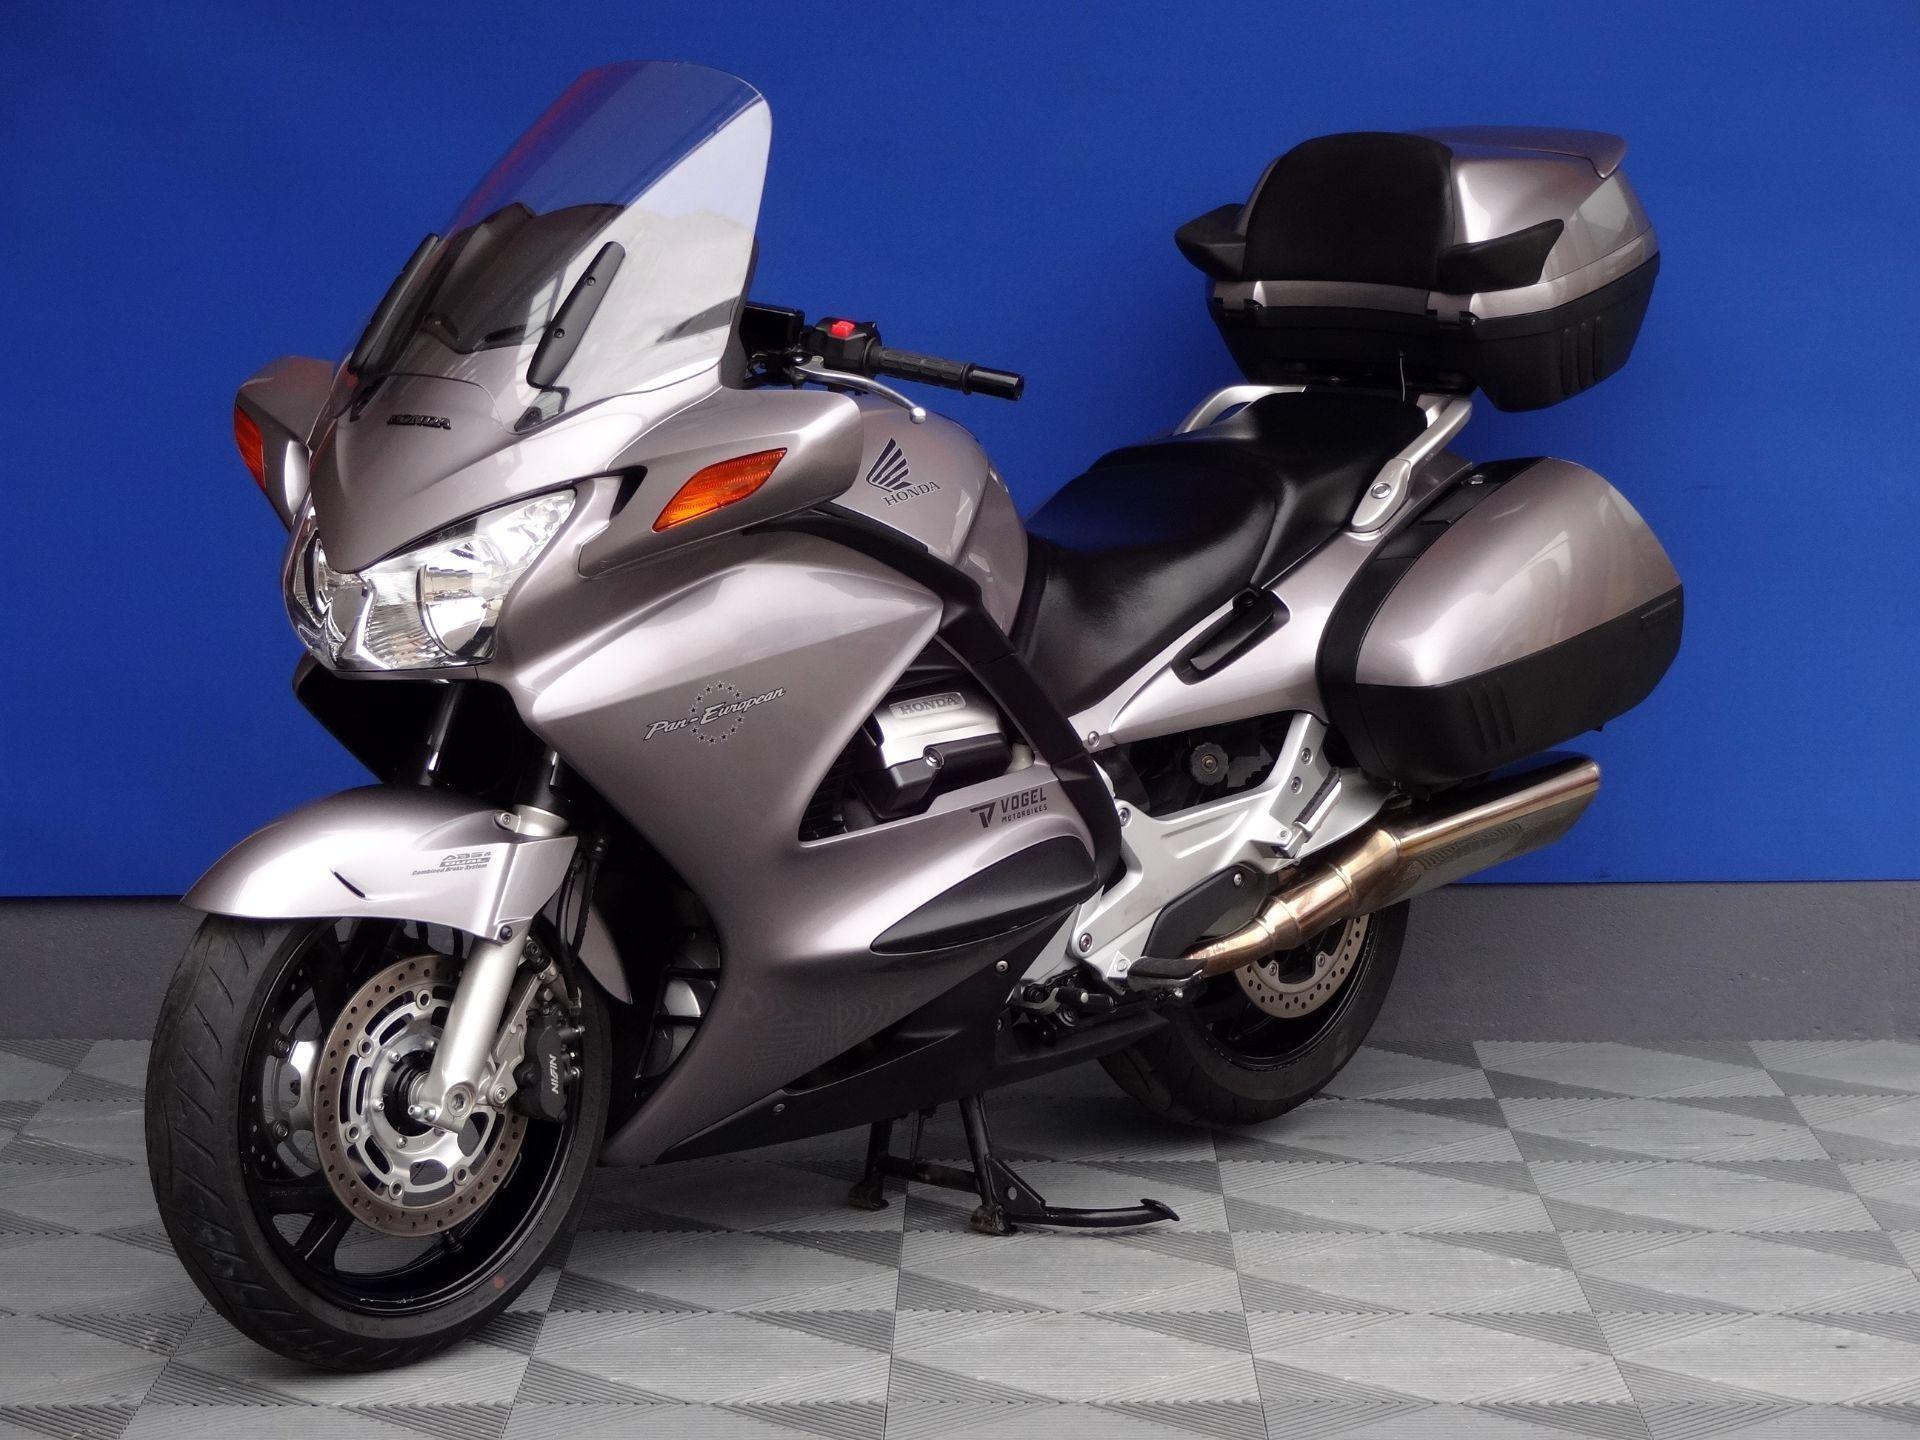 honda st 1300 a pan european abs vogel motorbikes sch pfheim occasion. Black Bedroom Furniture Sets. Home Design Ideas